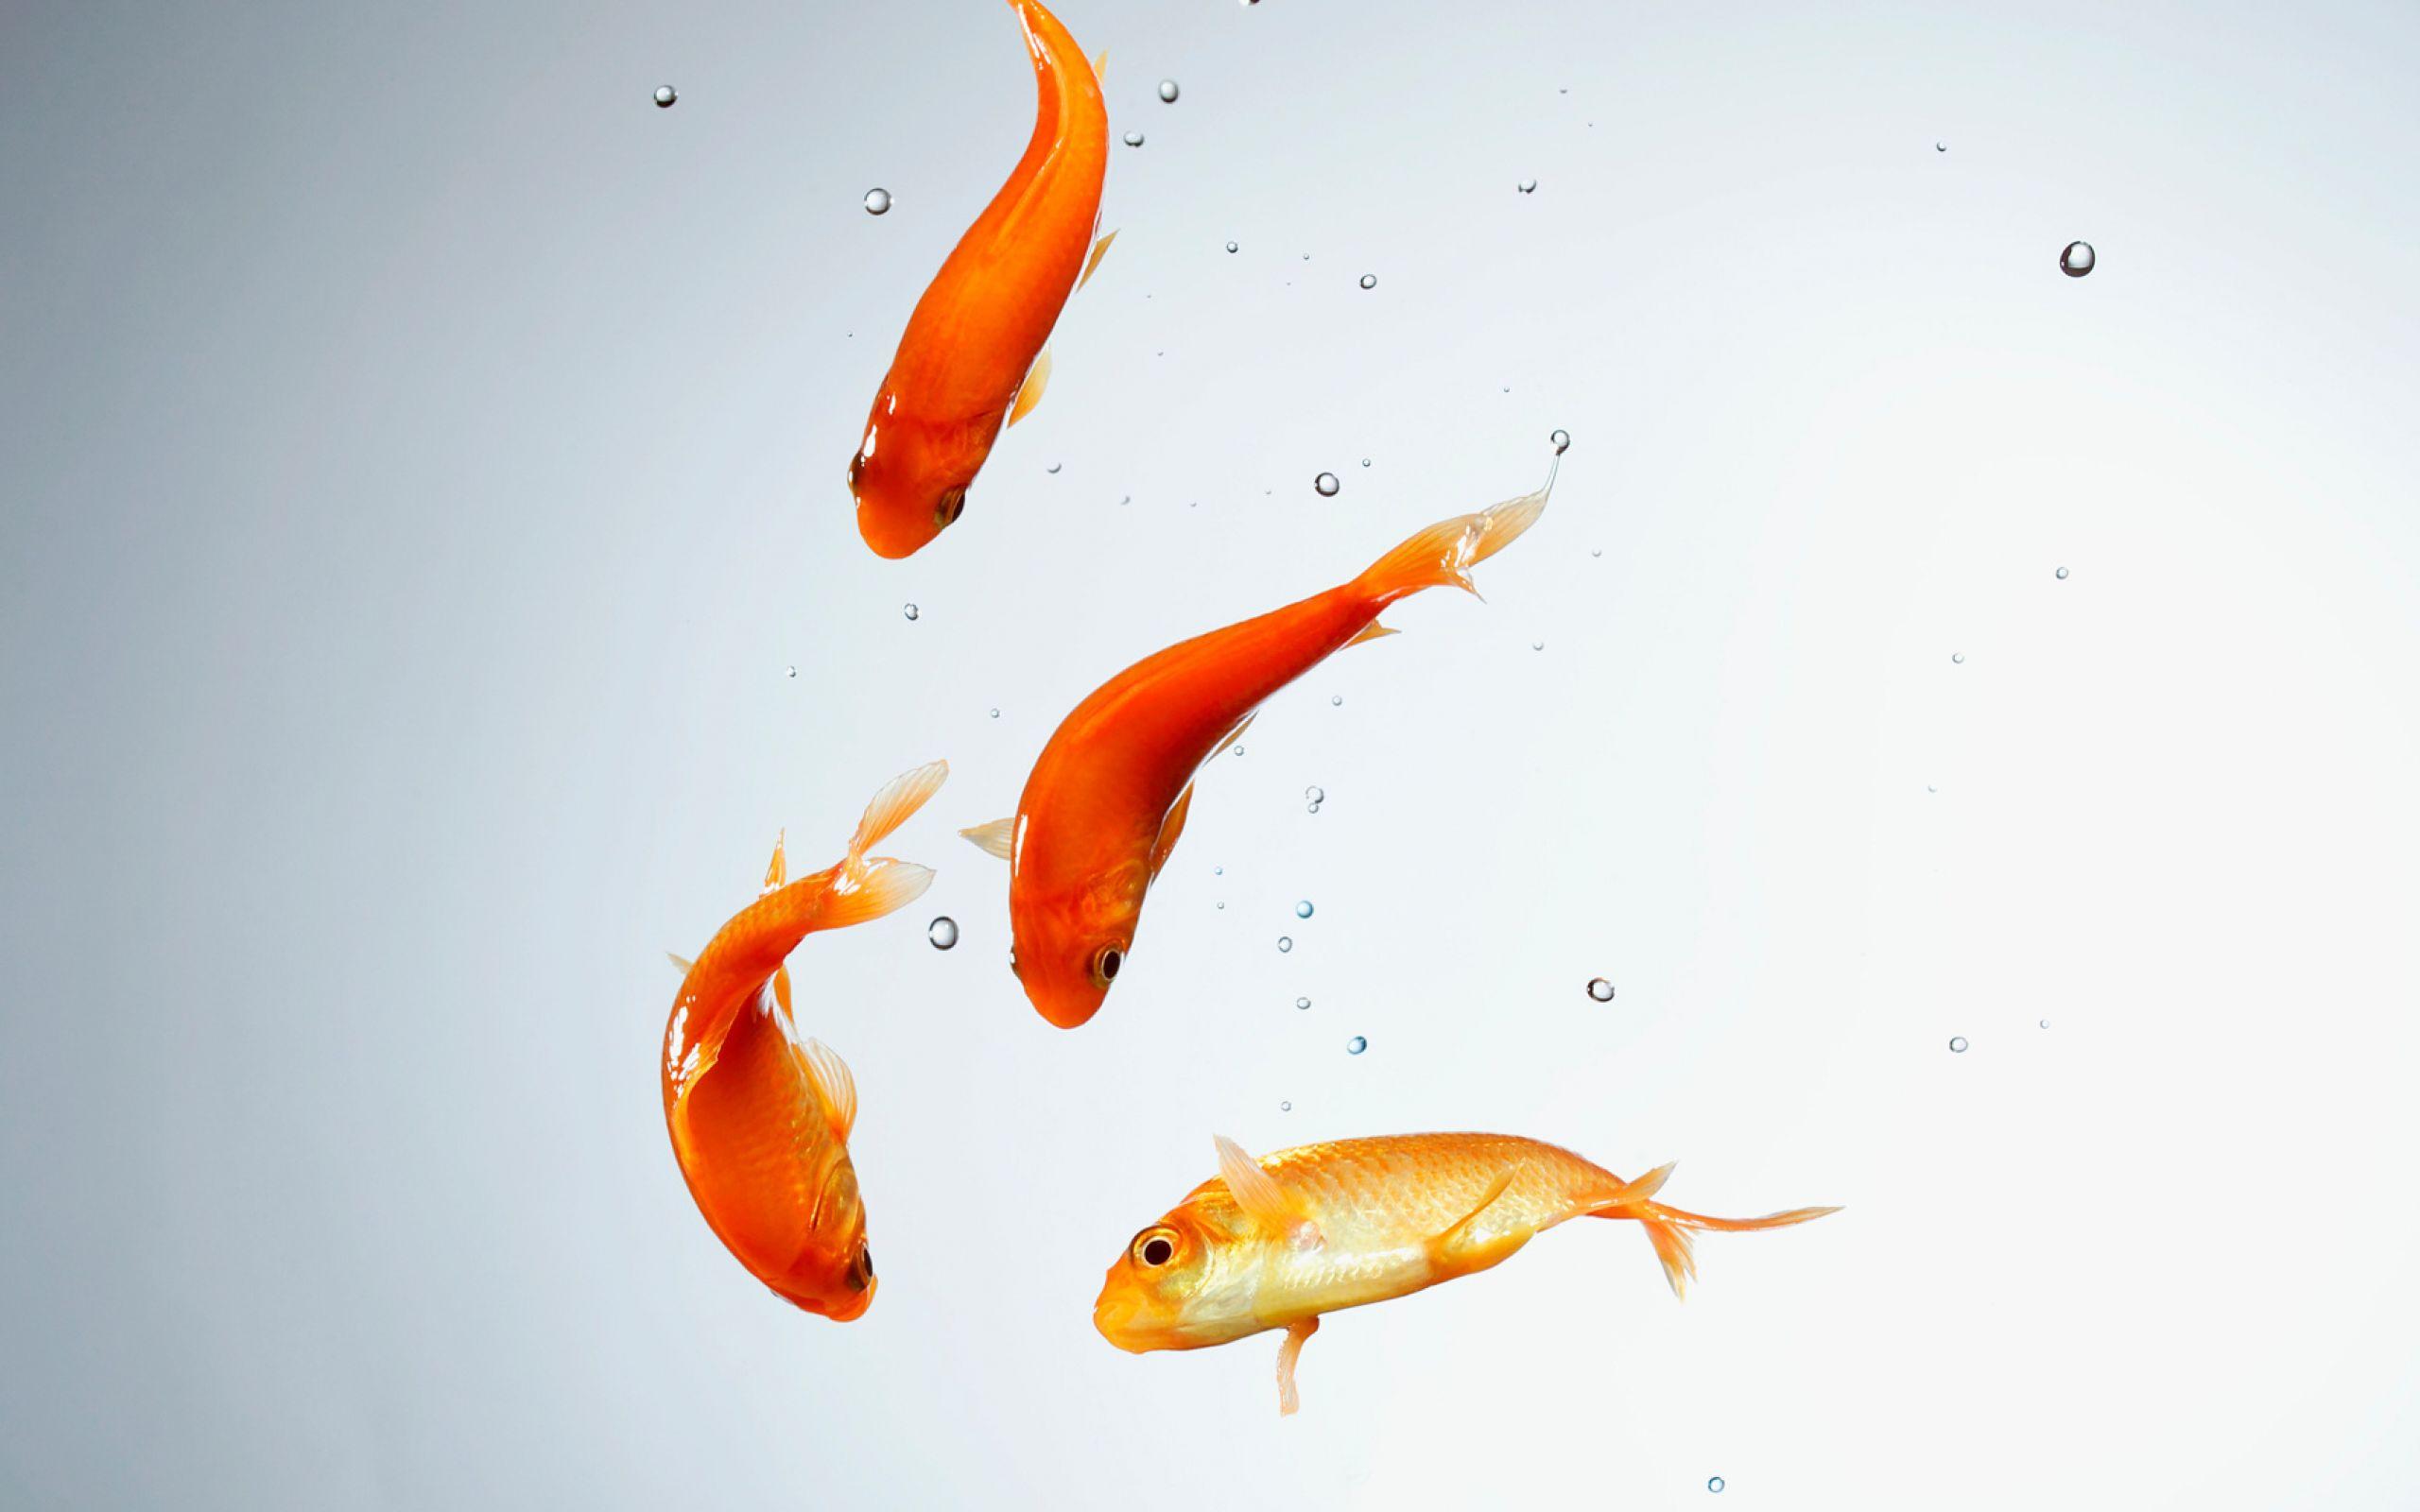 اموزش سبزه گندم تنگ ماهی Наурыз мерекесінің салт-дәстүрлері (1) - Pars Today